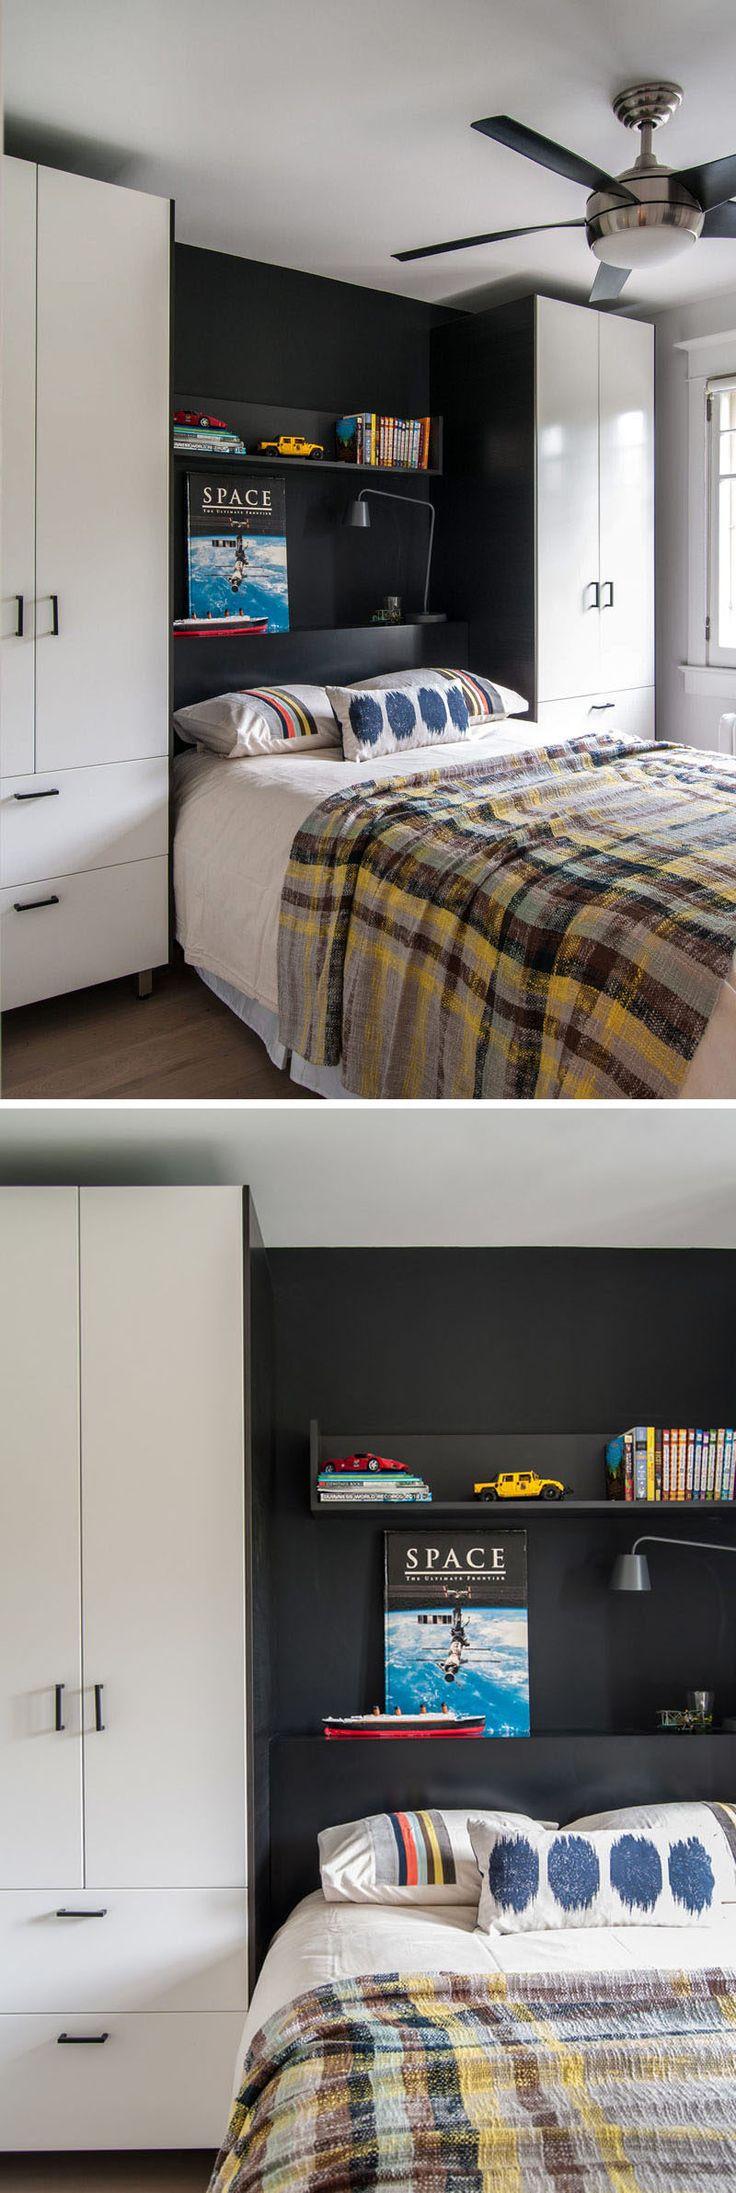 Спальня дизайн идеи - 8 способов создать окончательный кровать окружить хранения // определение спальном районе-используйте смелые цвета или другого материала, чем то, что использовалось на остальные шкафы комплекты постели не только для хранения и добавляет цвет и текстуру в комнату.